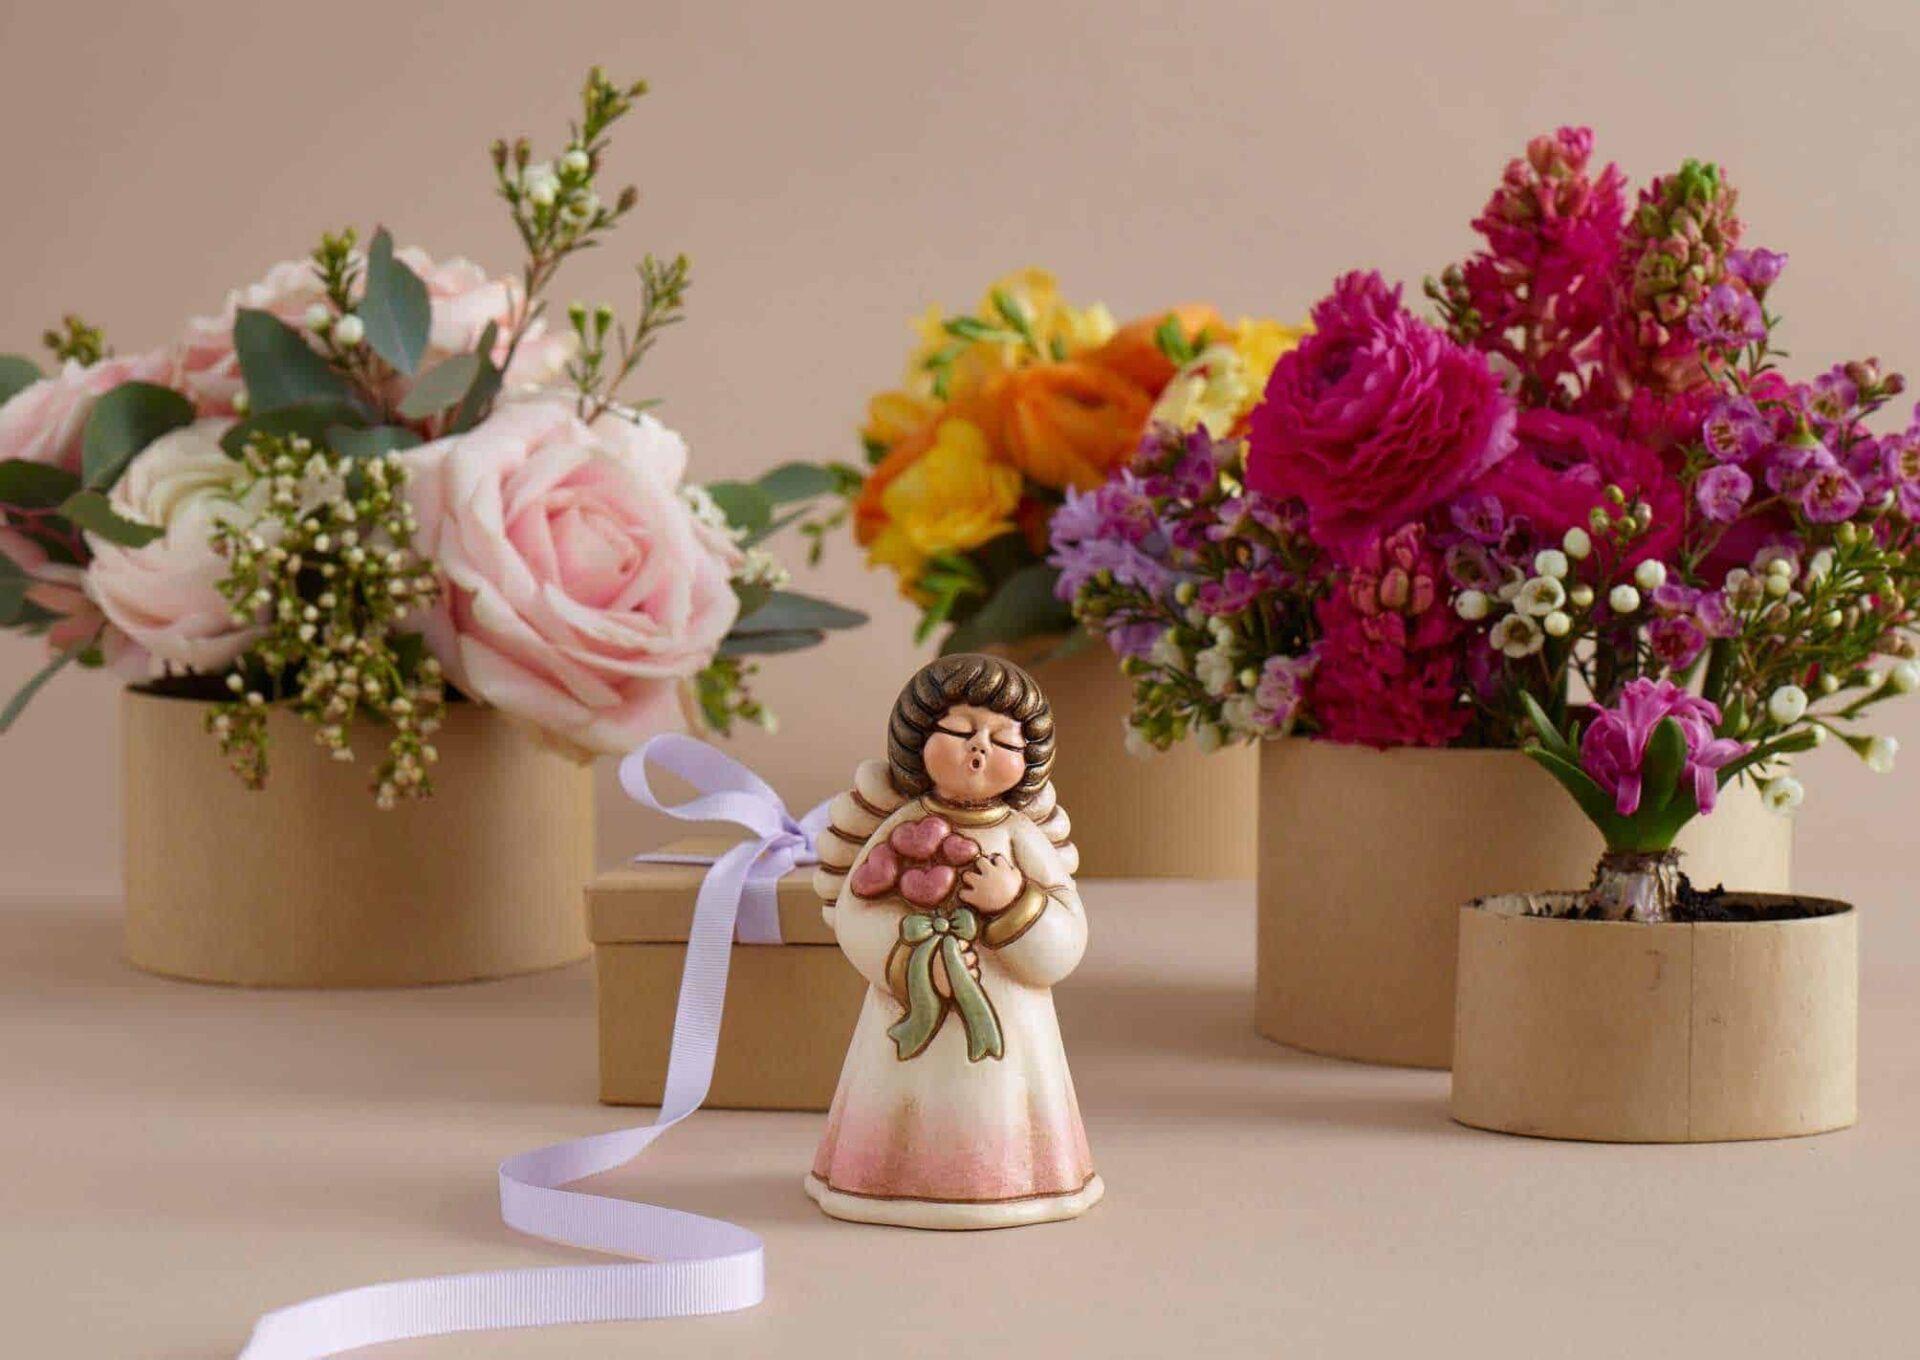 Idee regalo thun per la festa della mamma - Thun idee regalo ...